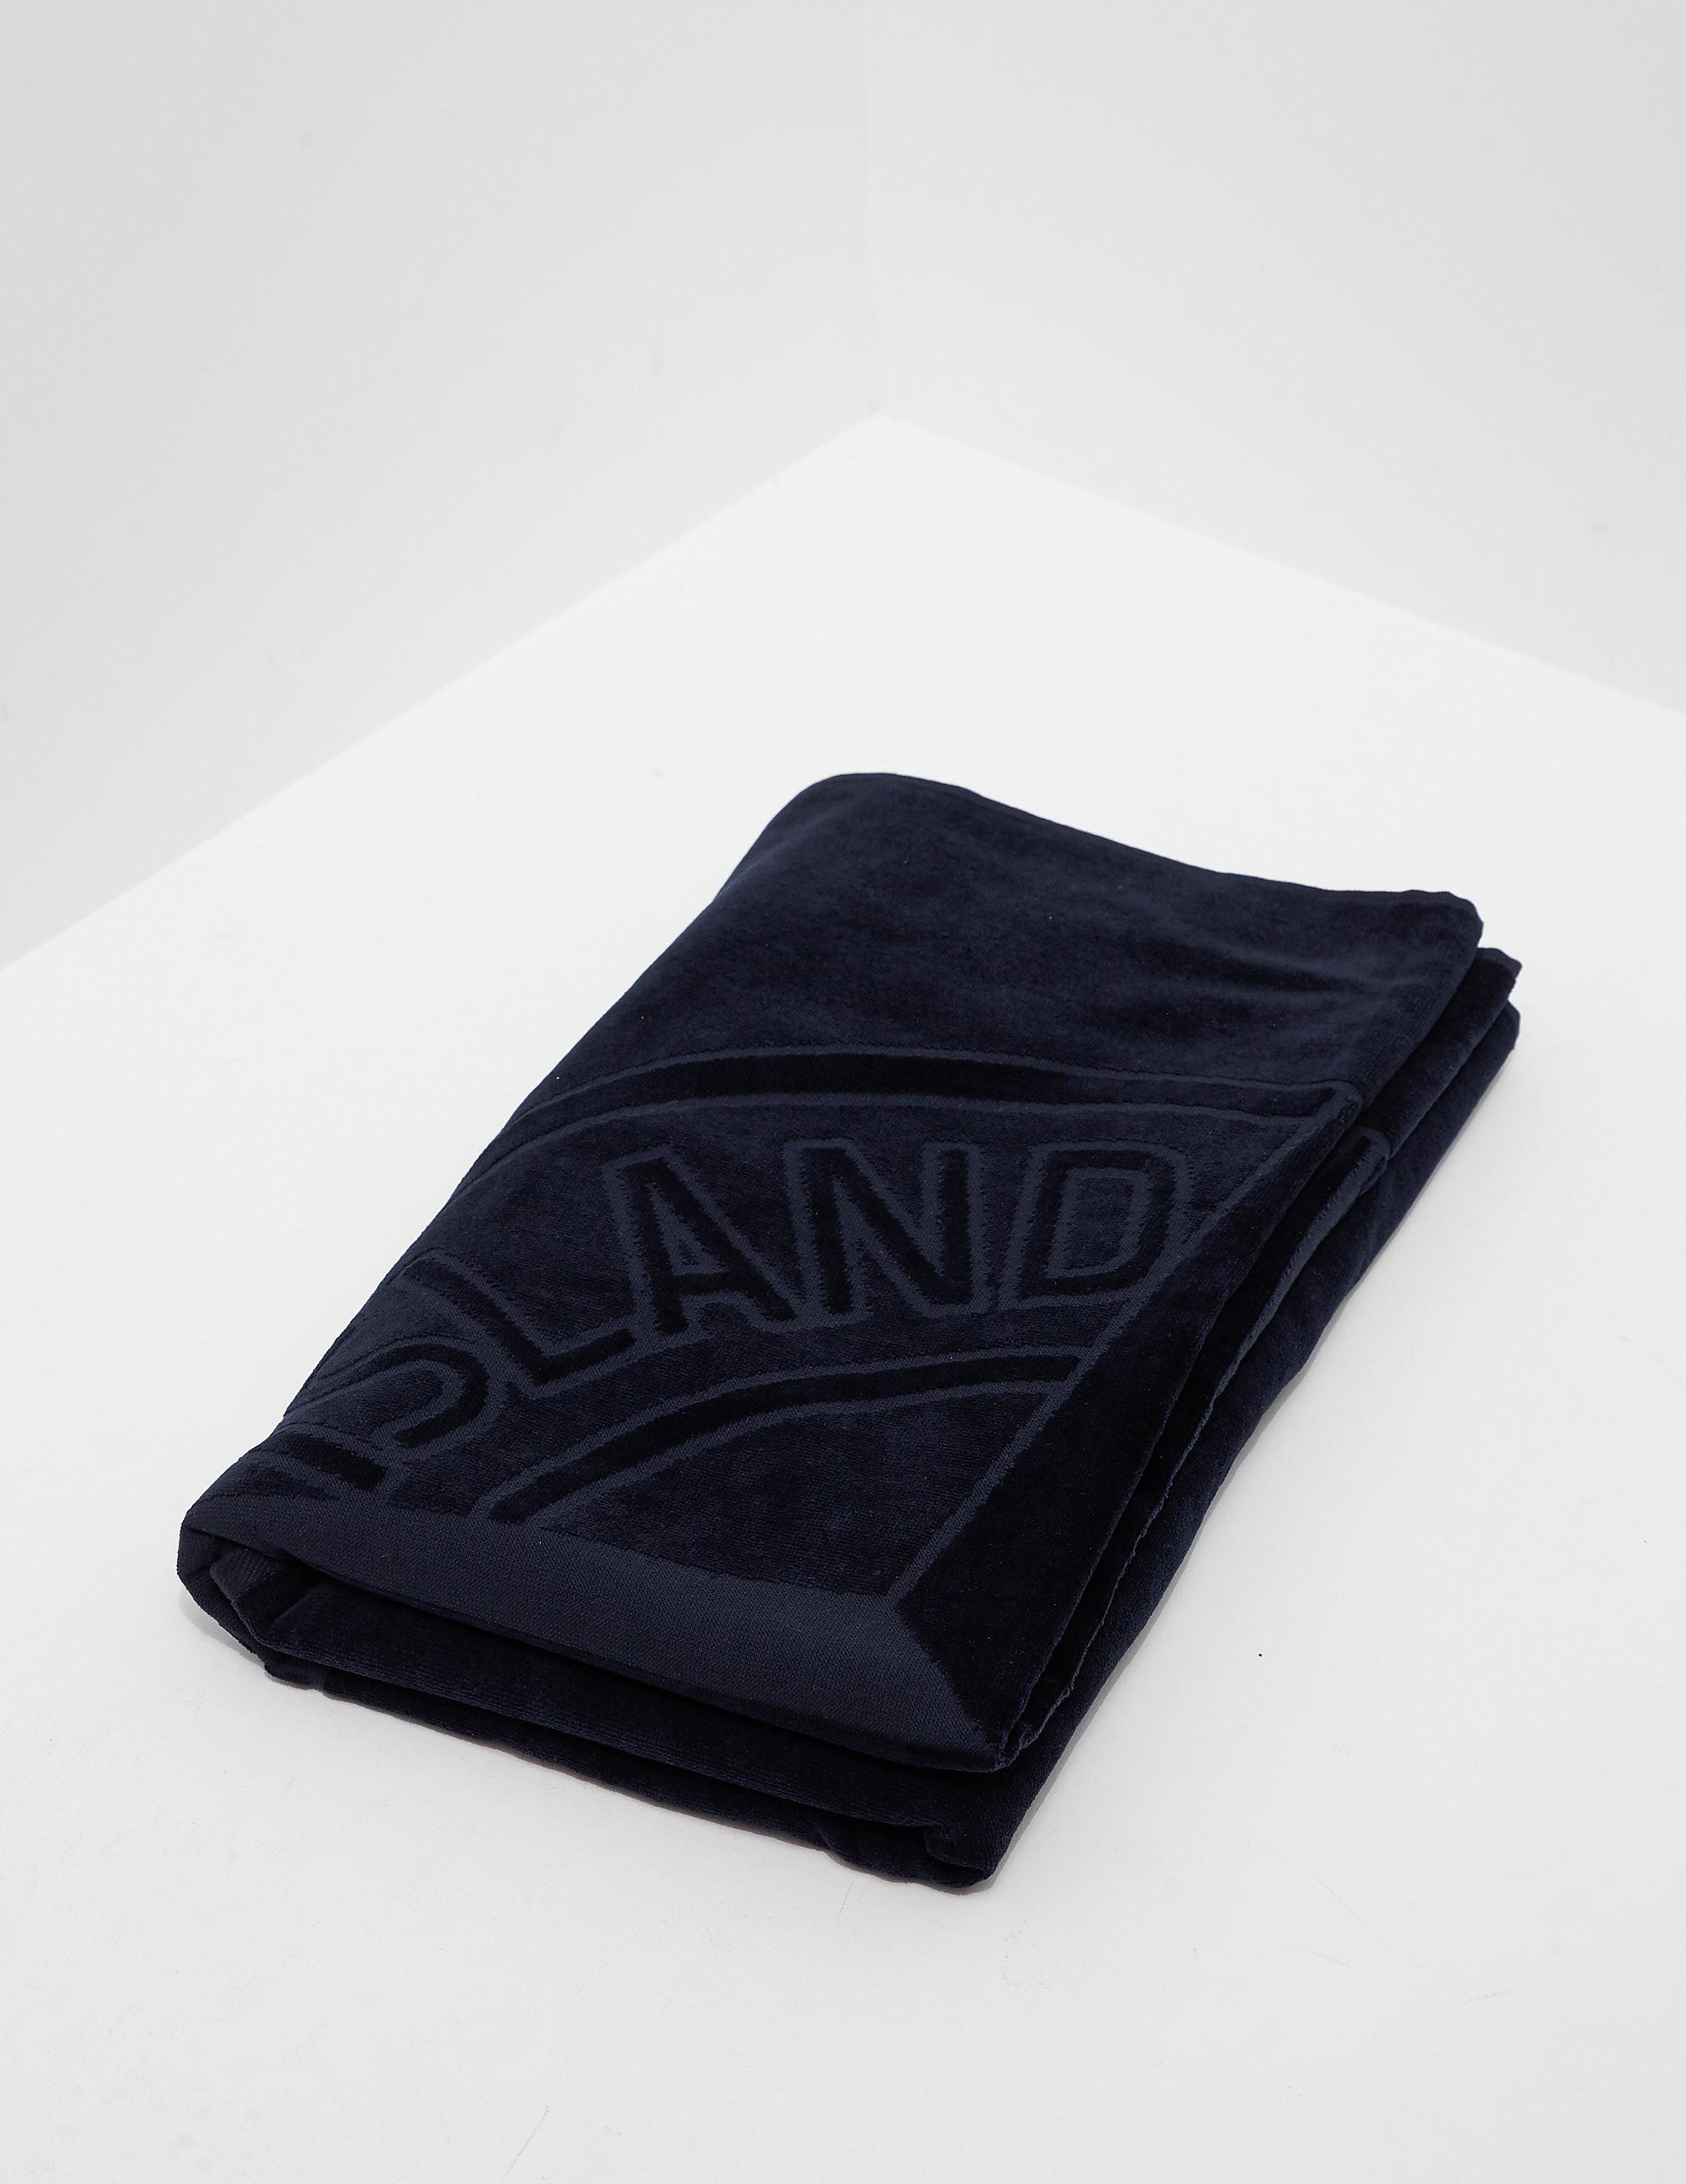 Stone Island Pin Towel